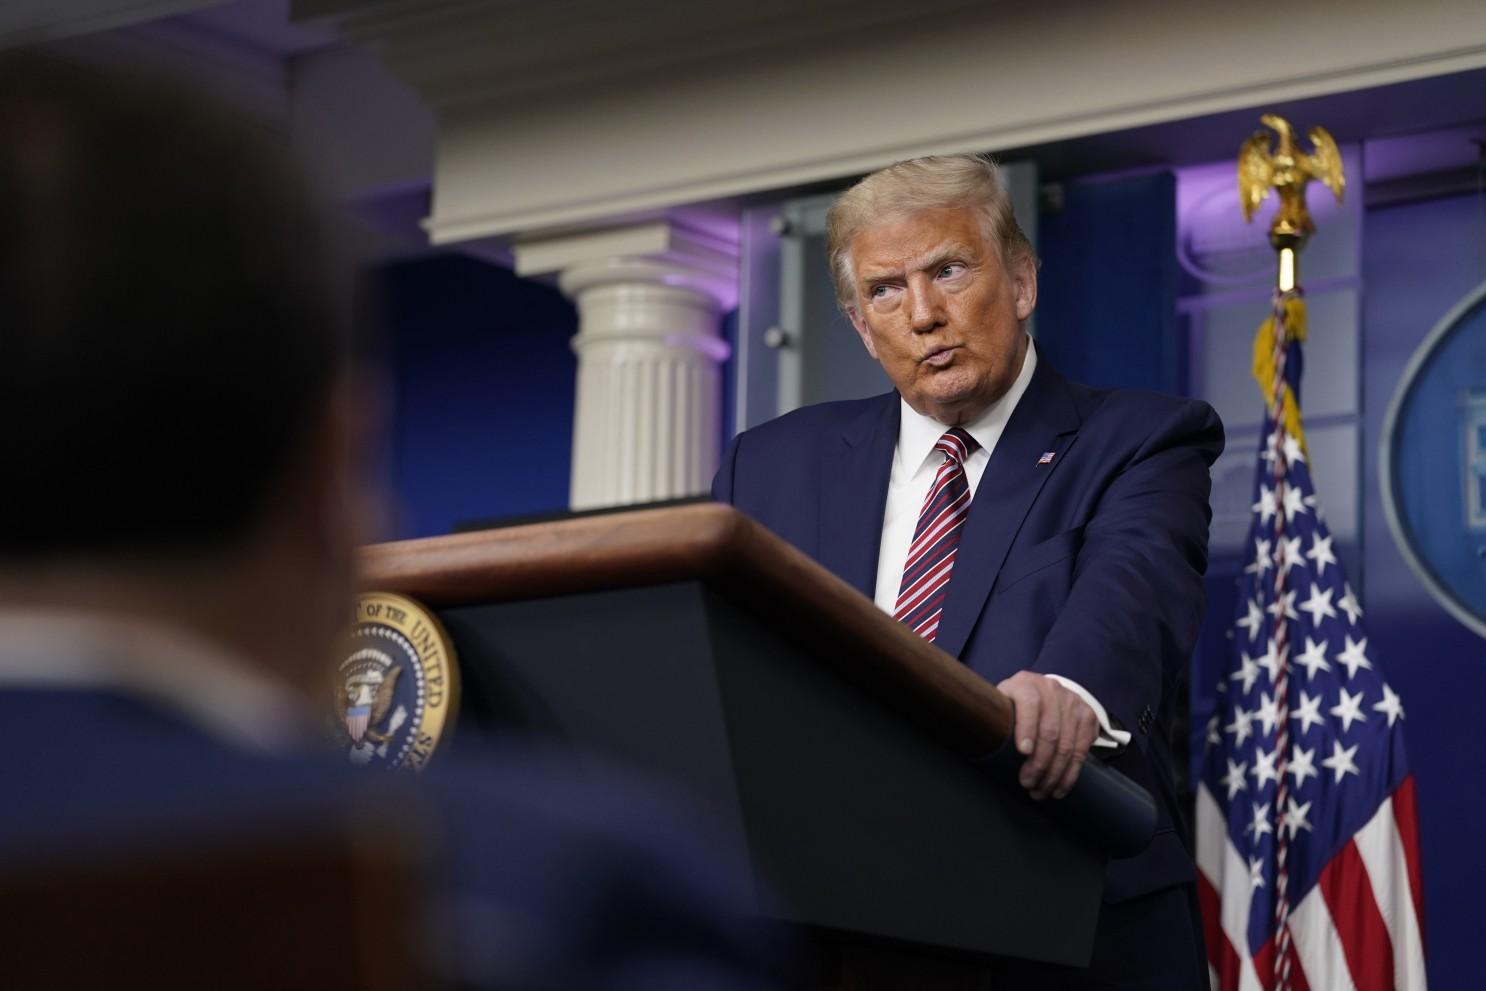 EE.UU.: Explosivo reporte revela que Trump no pagó impuestos durante 10 de los últimos 15 años